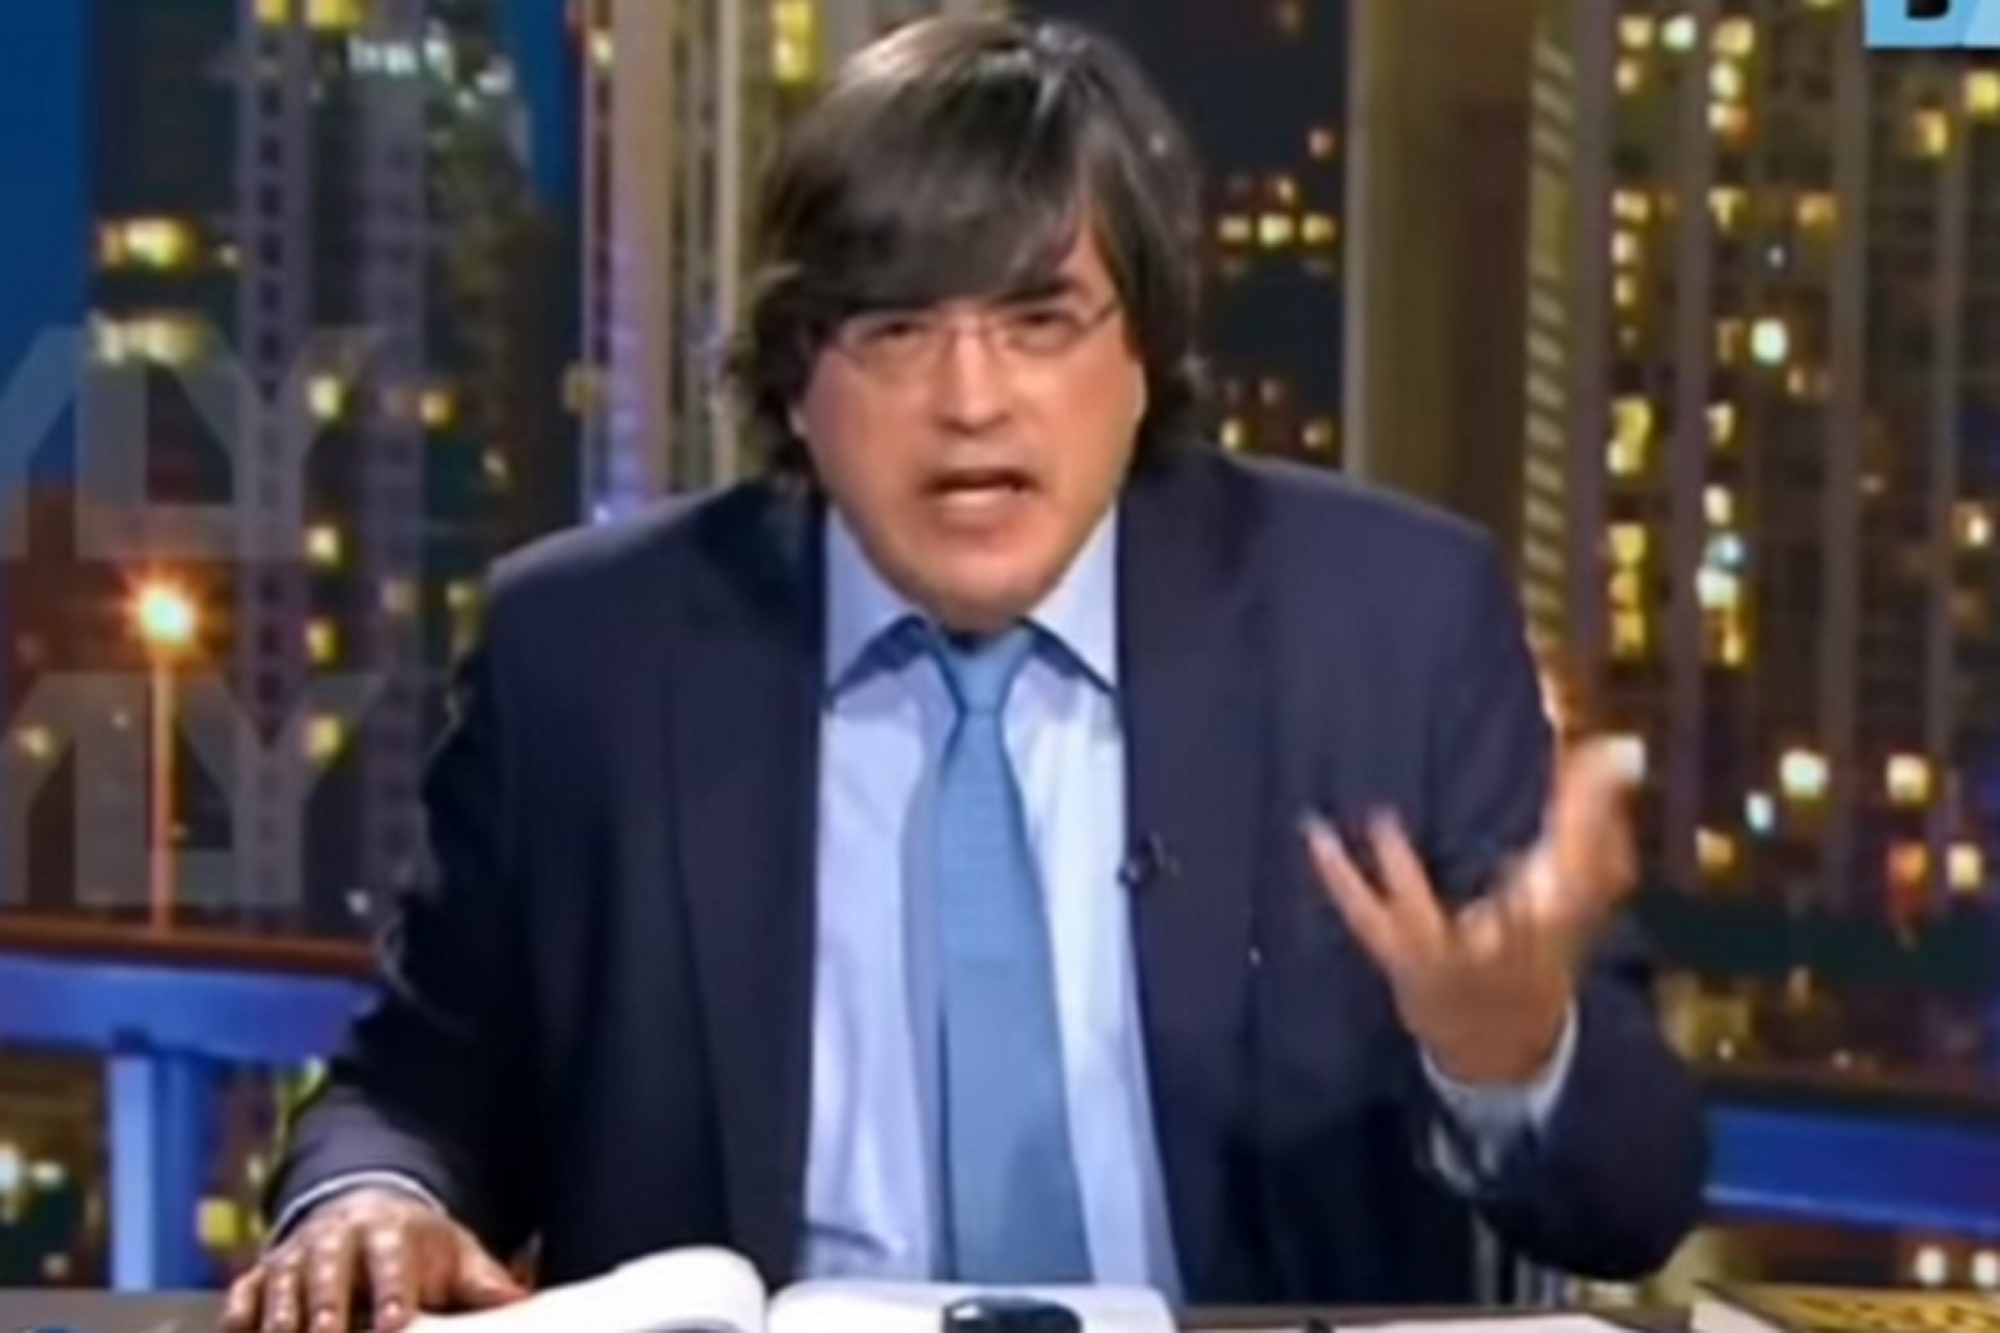 Jaime Bayly Evo Morales Es Una Mascota Del Chavismo Socio De El Chapo Guzman Y Le Vende Cocaina Al Cartel De Sinaloa La Nacion Su trayectoria televisiva comenzó en 1983, como entrevistador de celebridades y políticos. la nacion